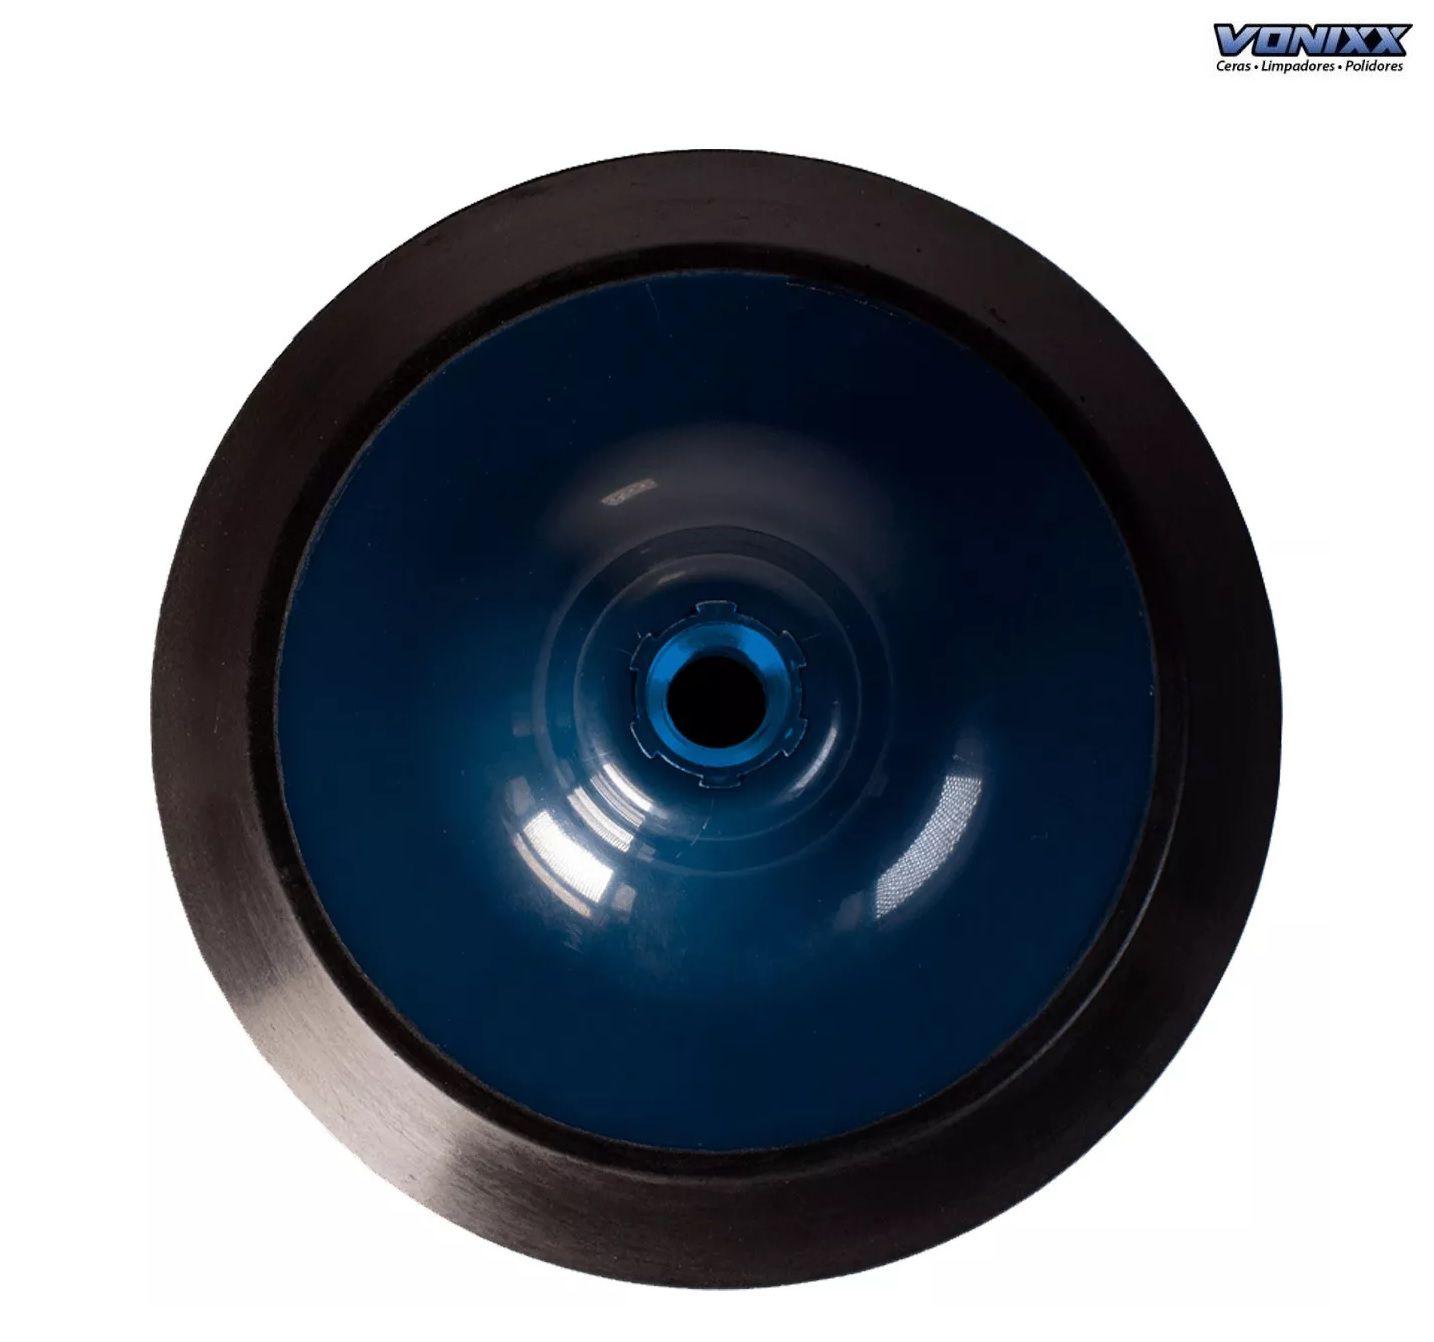 """Suporte Adaptador Flexível Politriz Rotativa 5"""" rosca M14 Vonixx"""